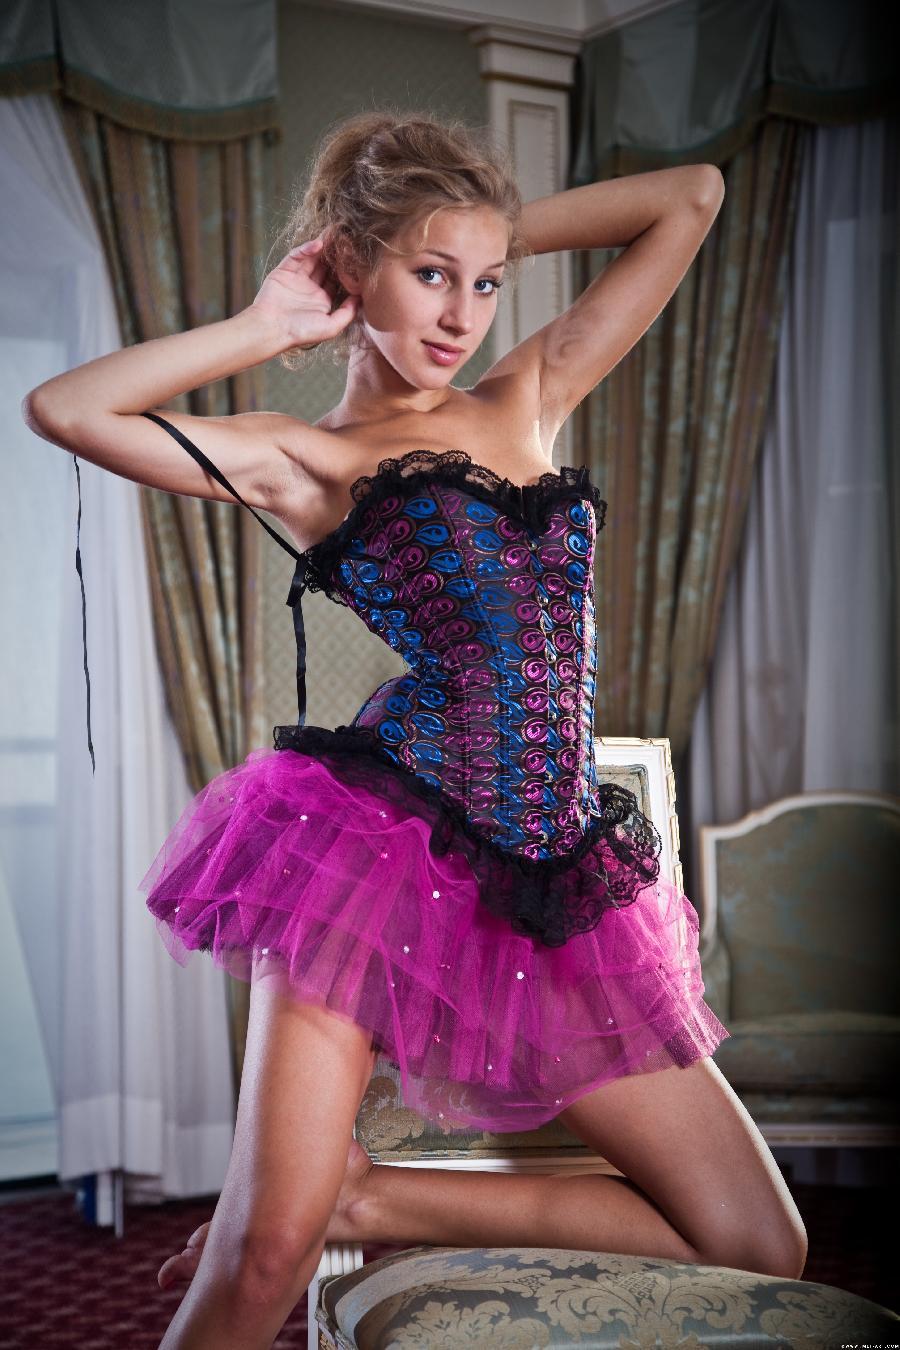 Erika strip sexy corset - 1